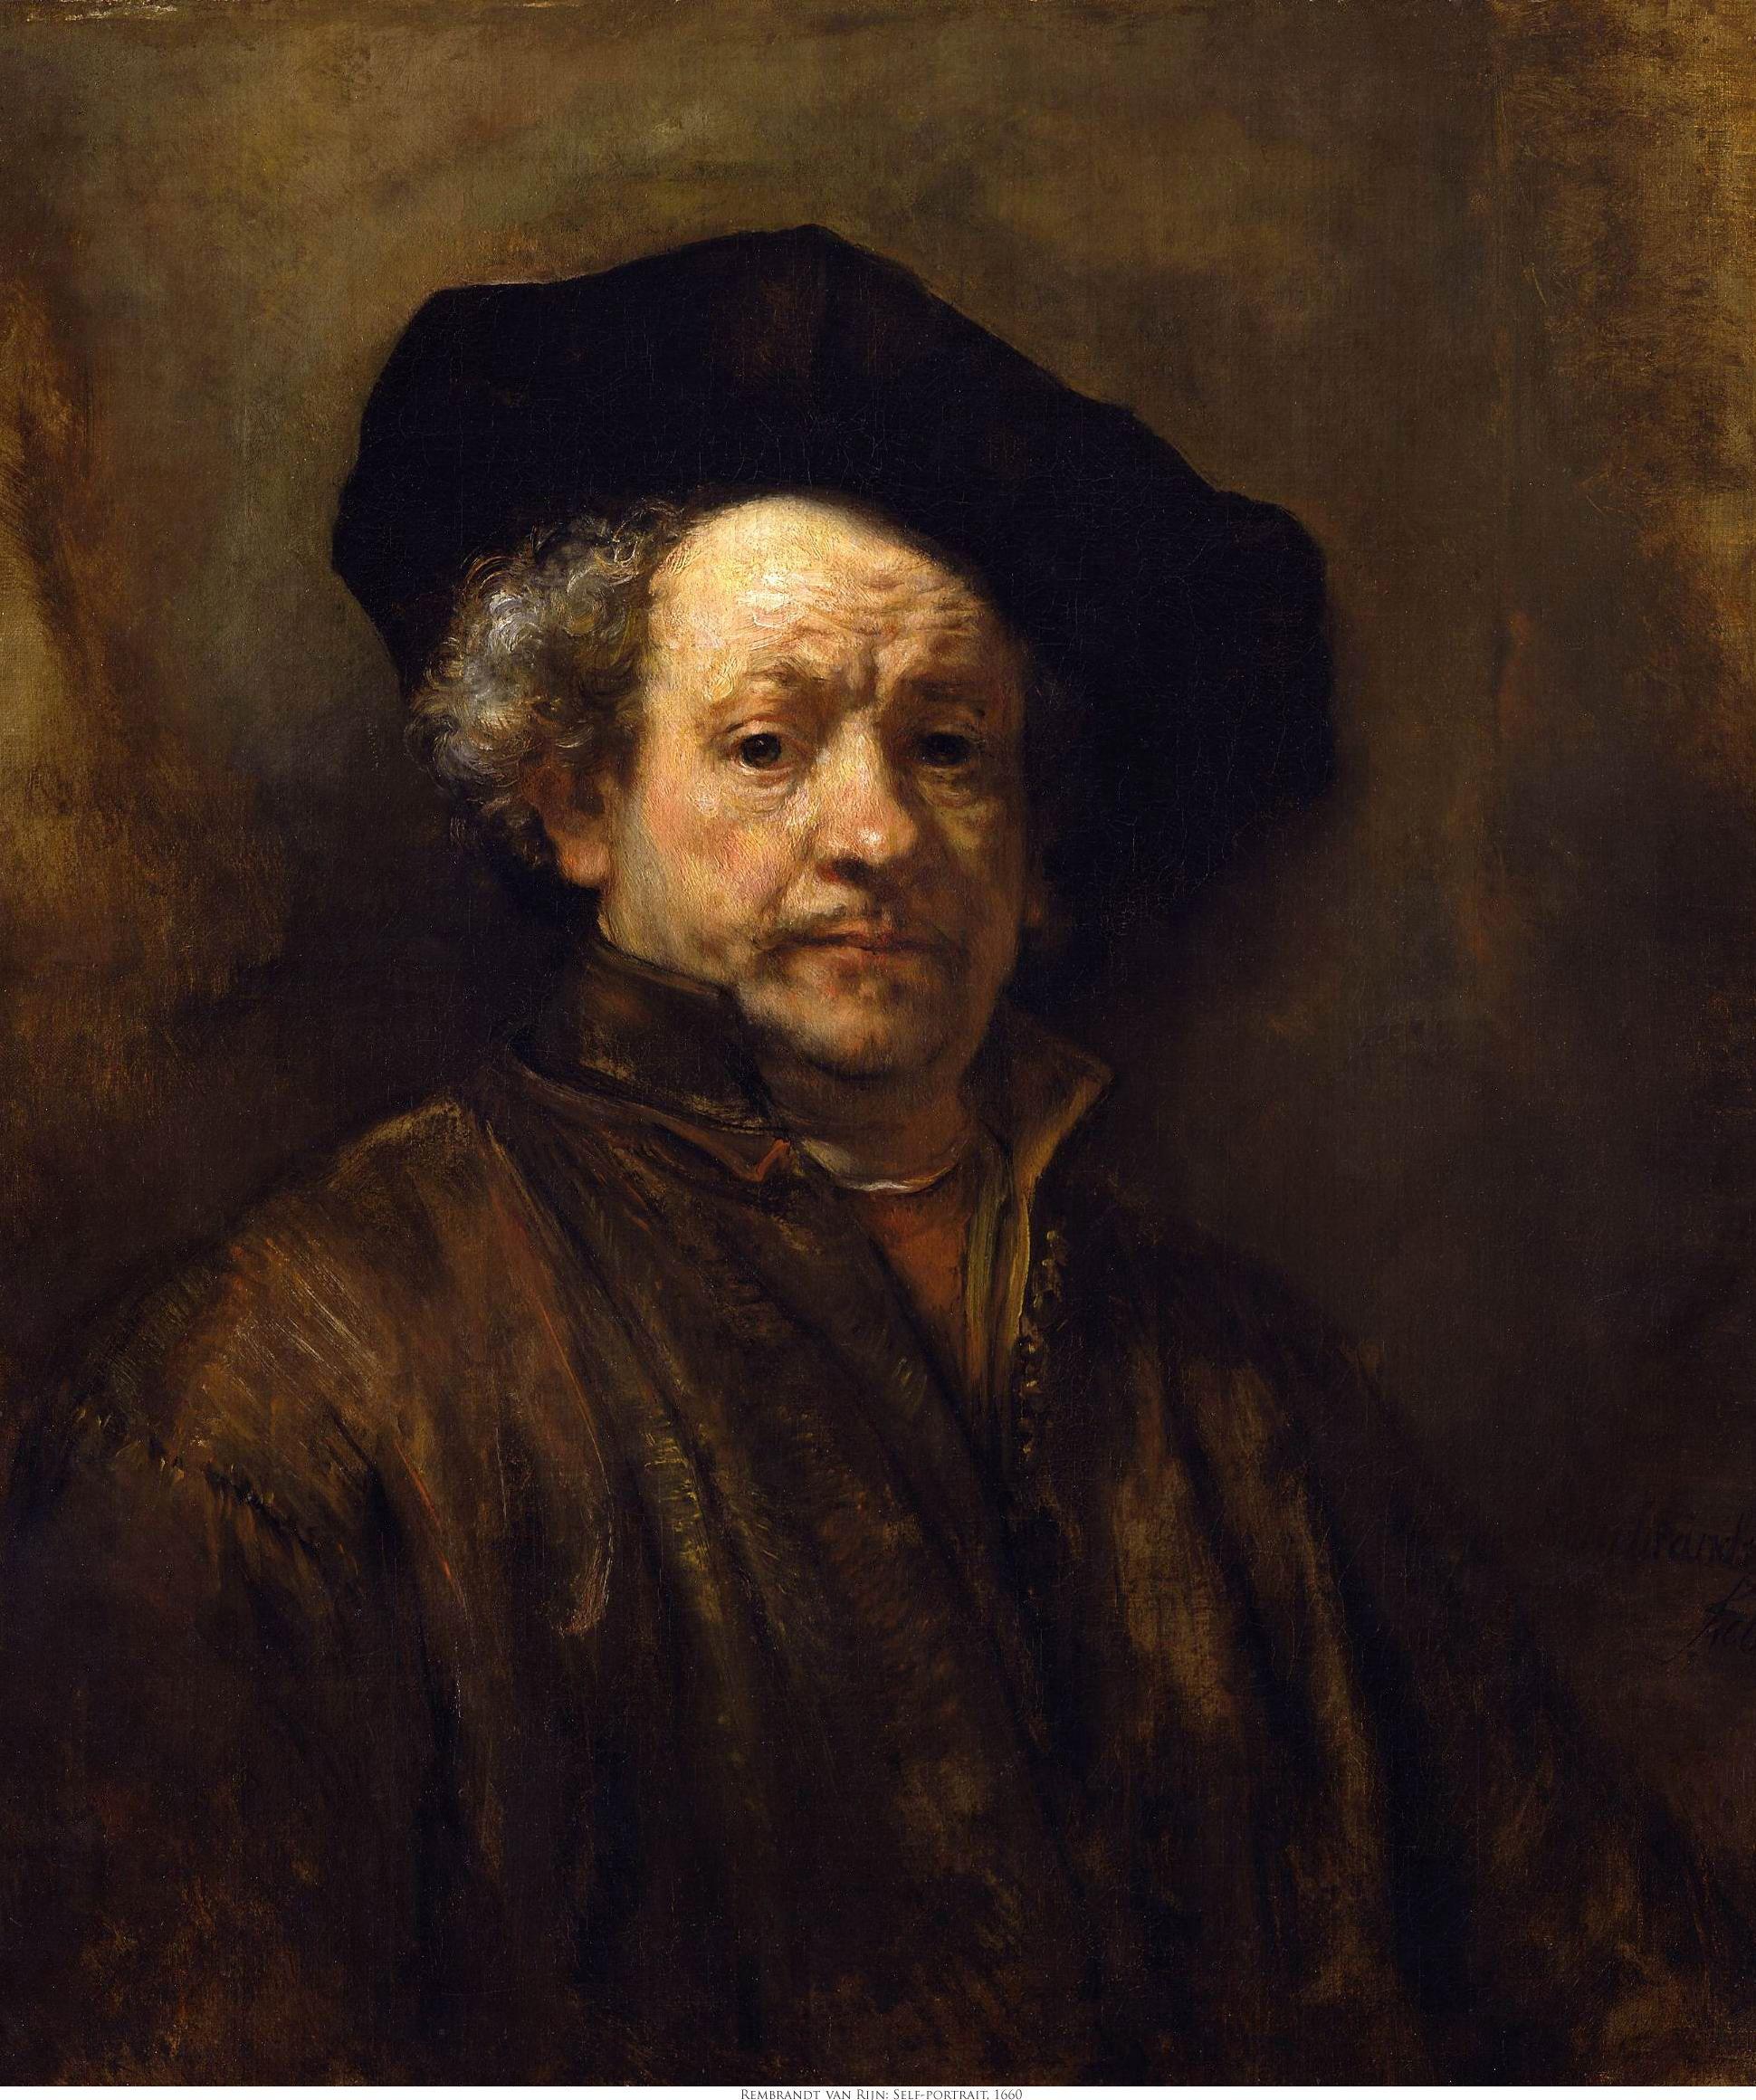 Rembrandt Van Rijn - most famous painters